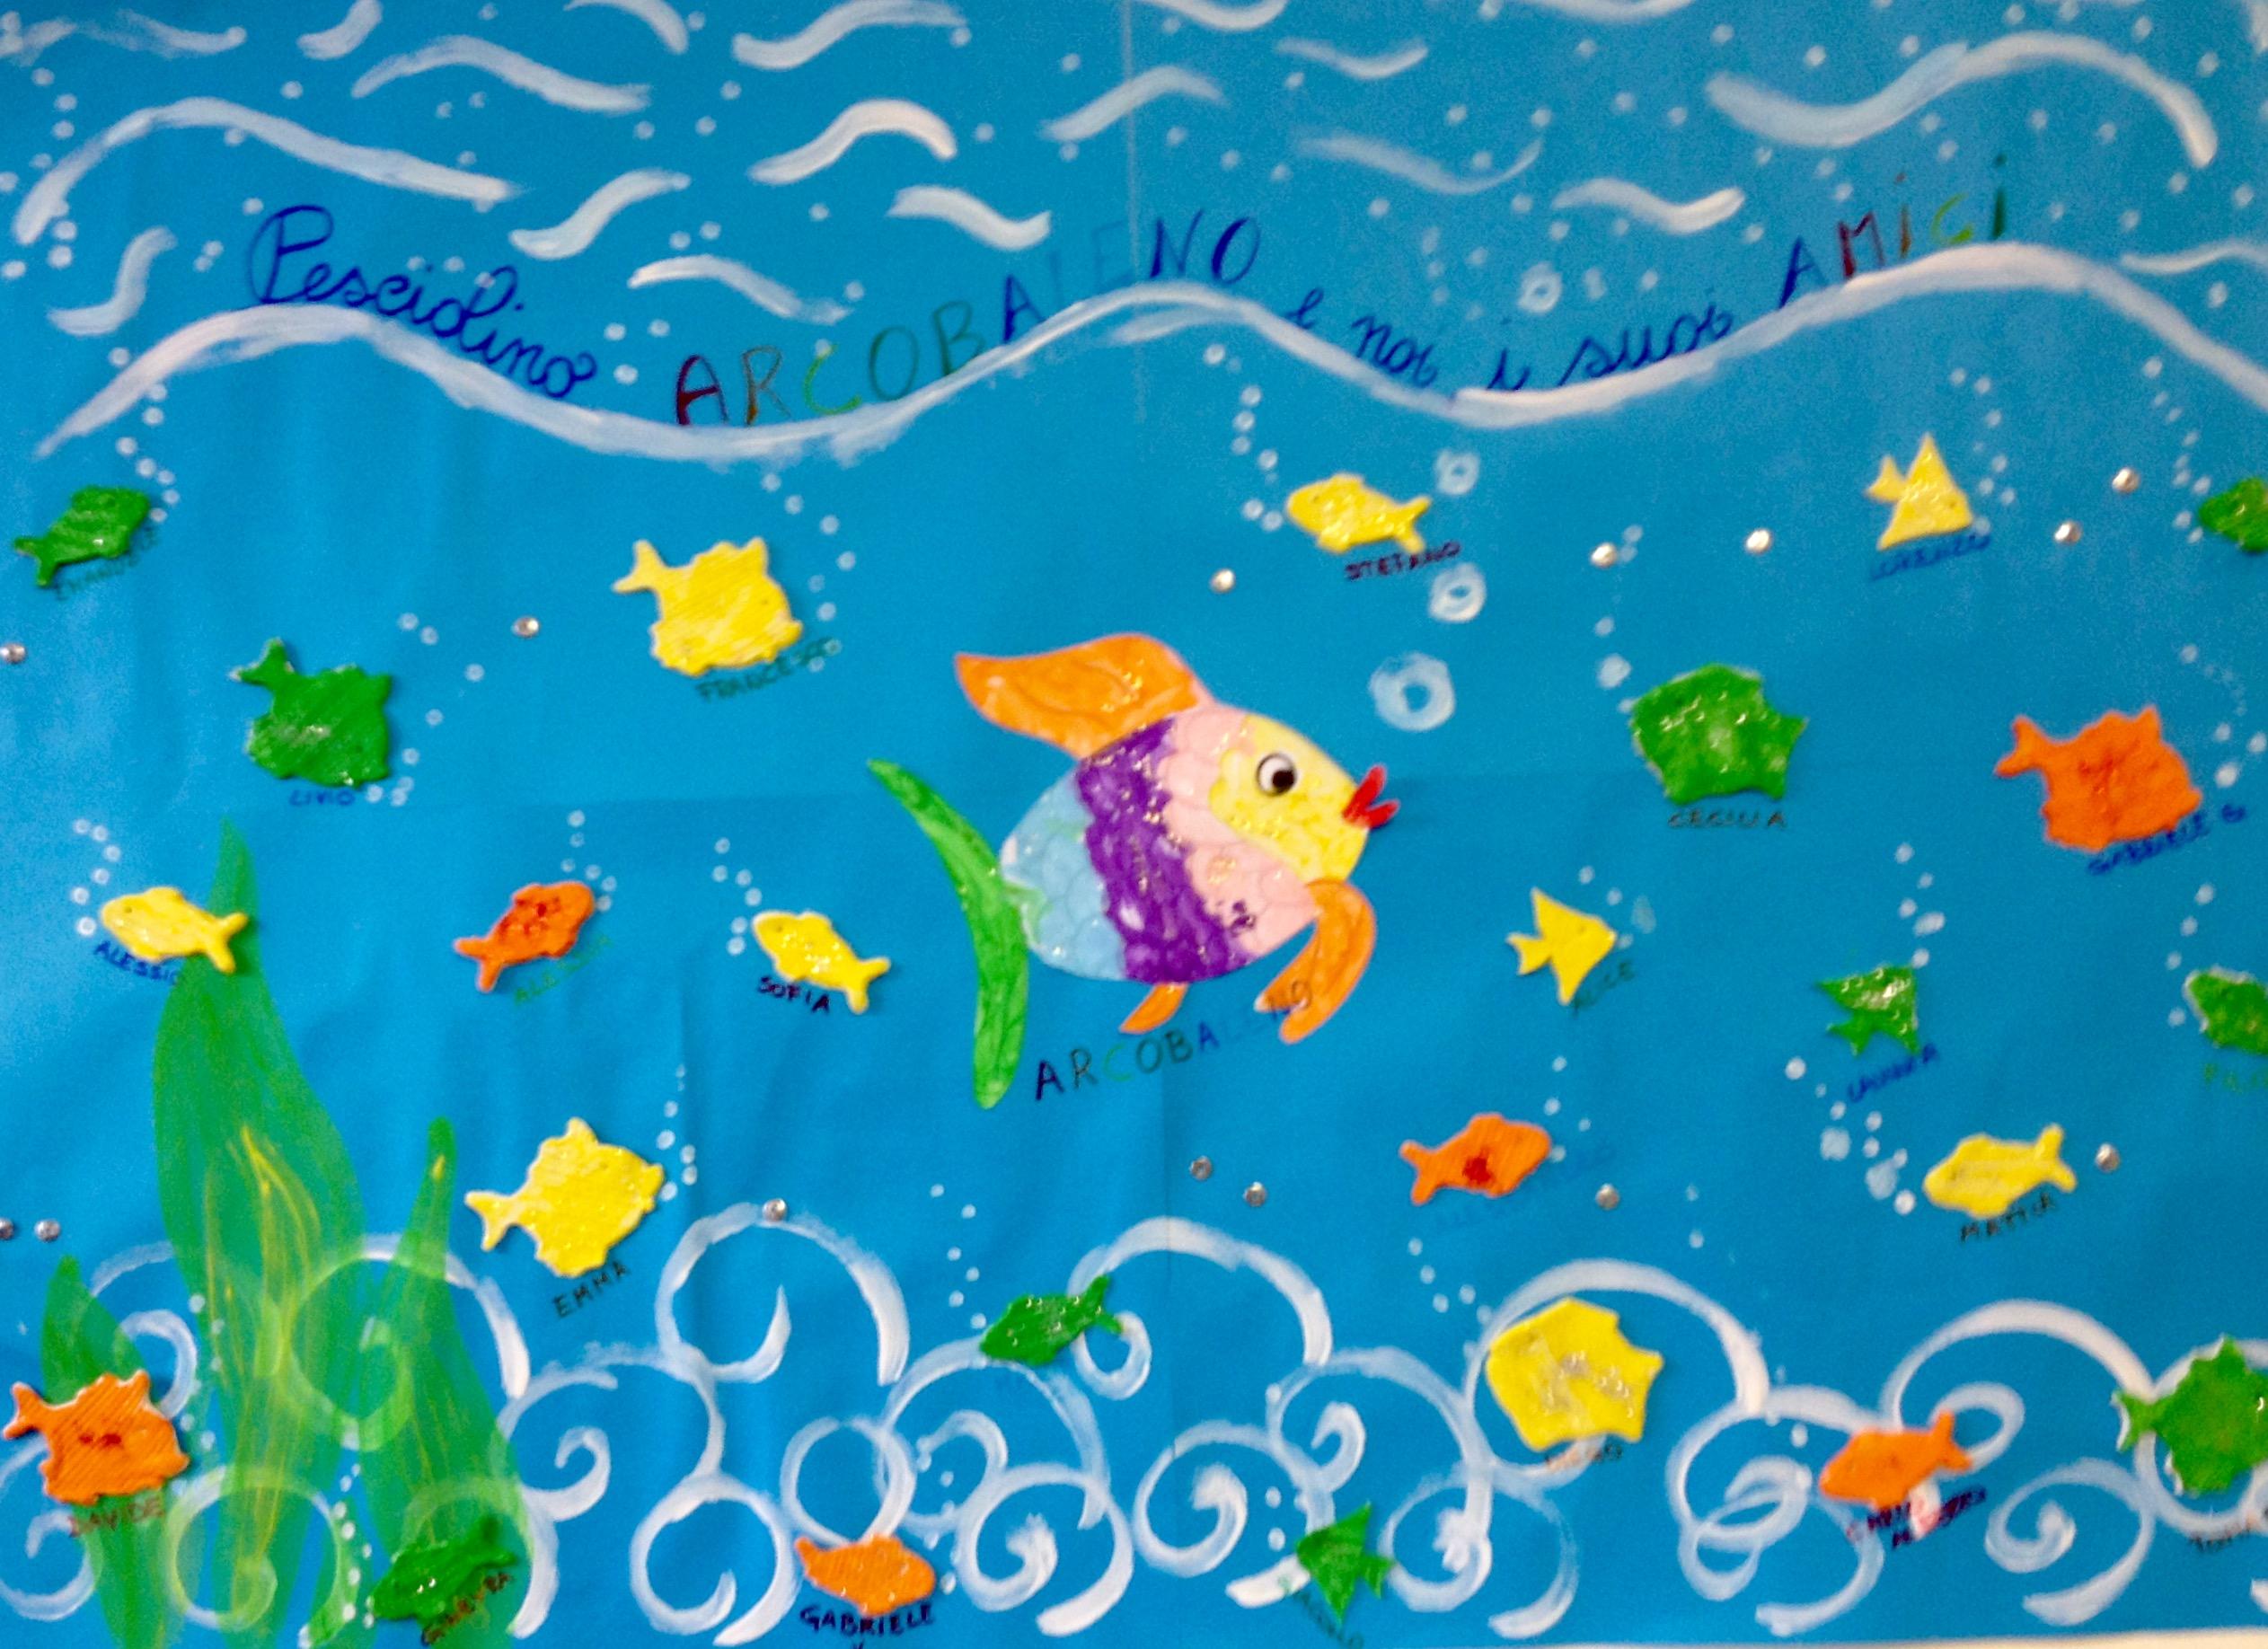 Giornalino miniscoop il pesciolino arcobaleno for Disegni pesciolino arcobaleno